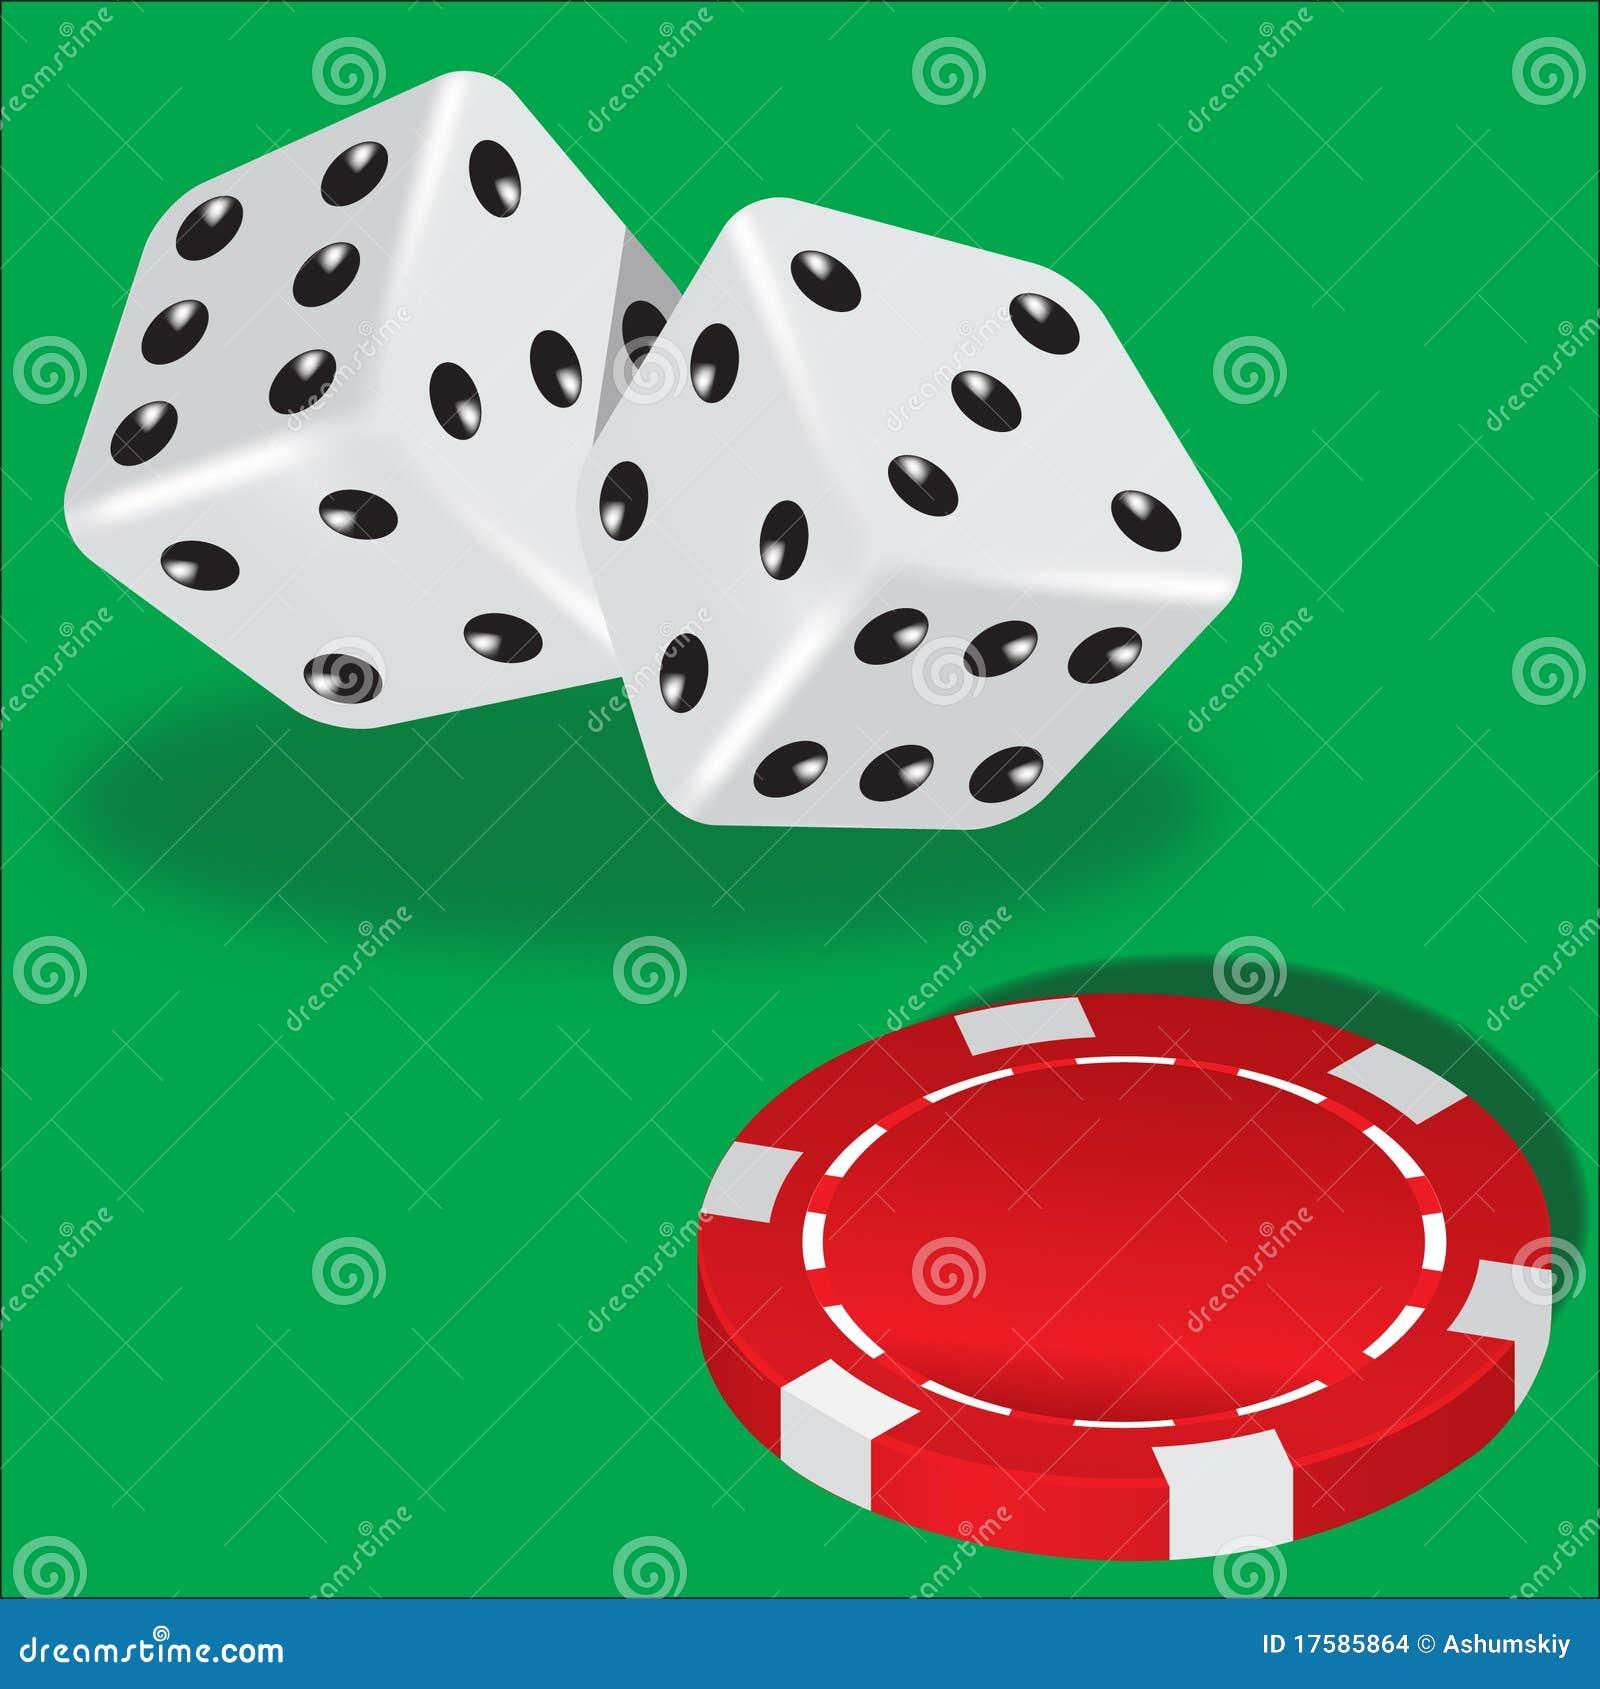 poker chips verteilung 2 spieler